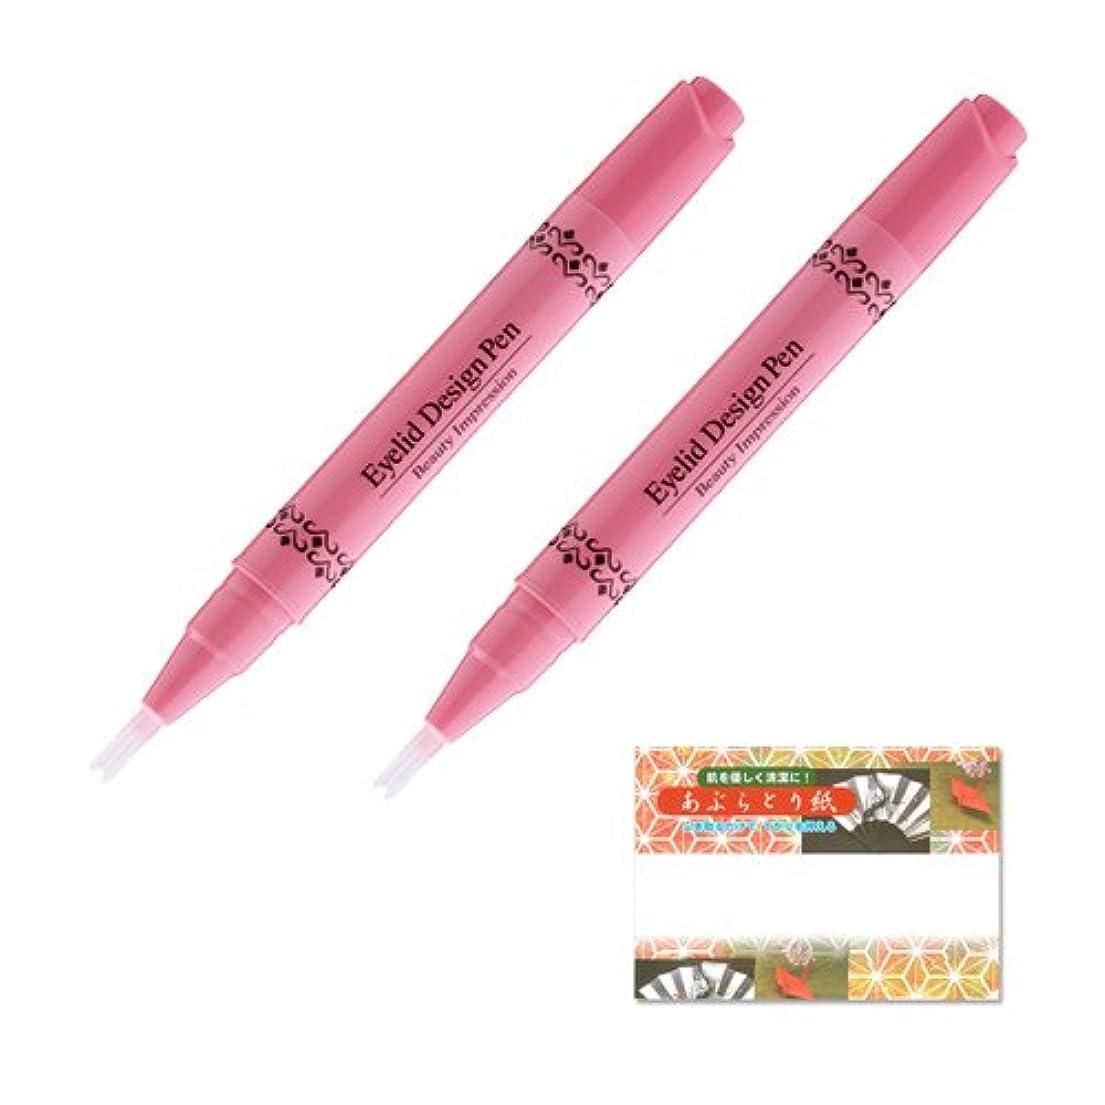 カウントアップ不承認Beauty Impression アイリッドデザインペン 2ml (二重まぶた形成化粧品) ×2組 油取り紙のセット